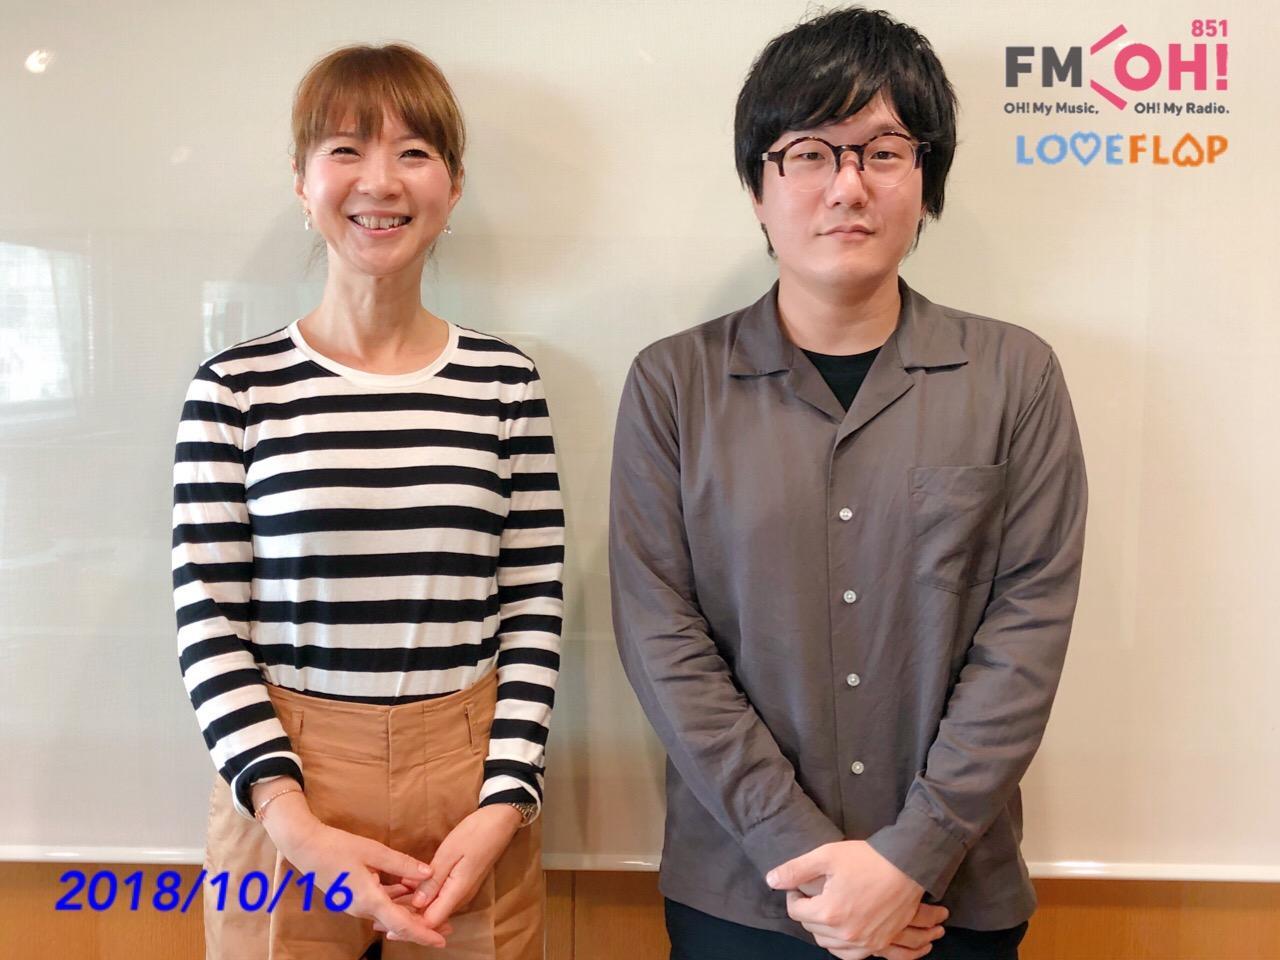 画像: 2018/10/16(火)ゲスト:松室政哉 さん